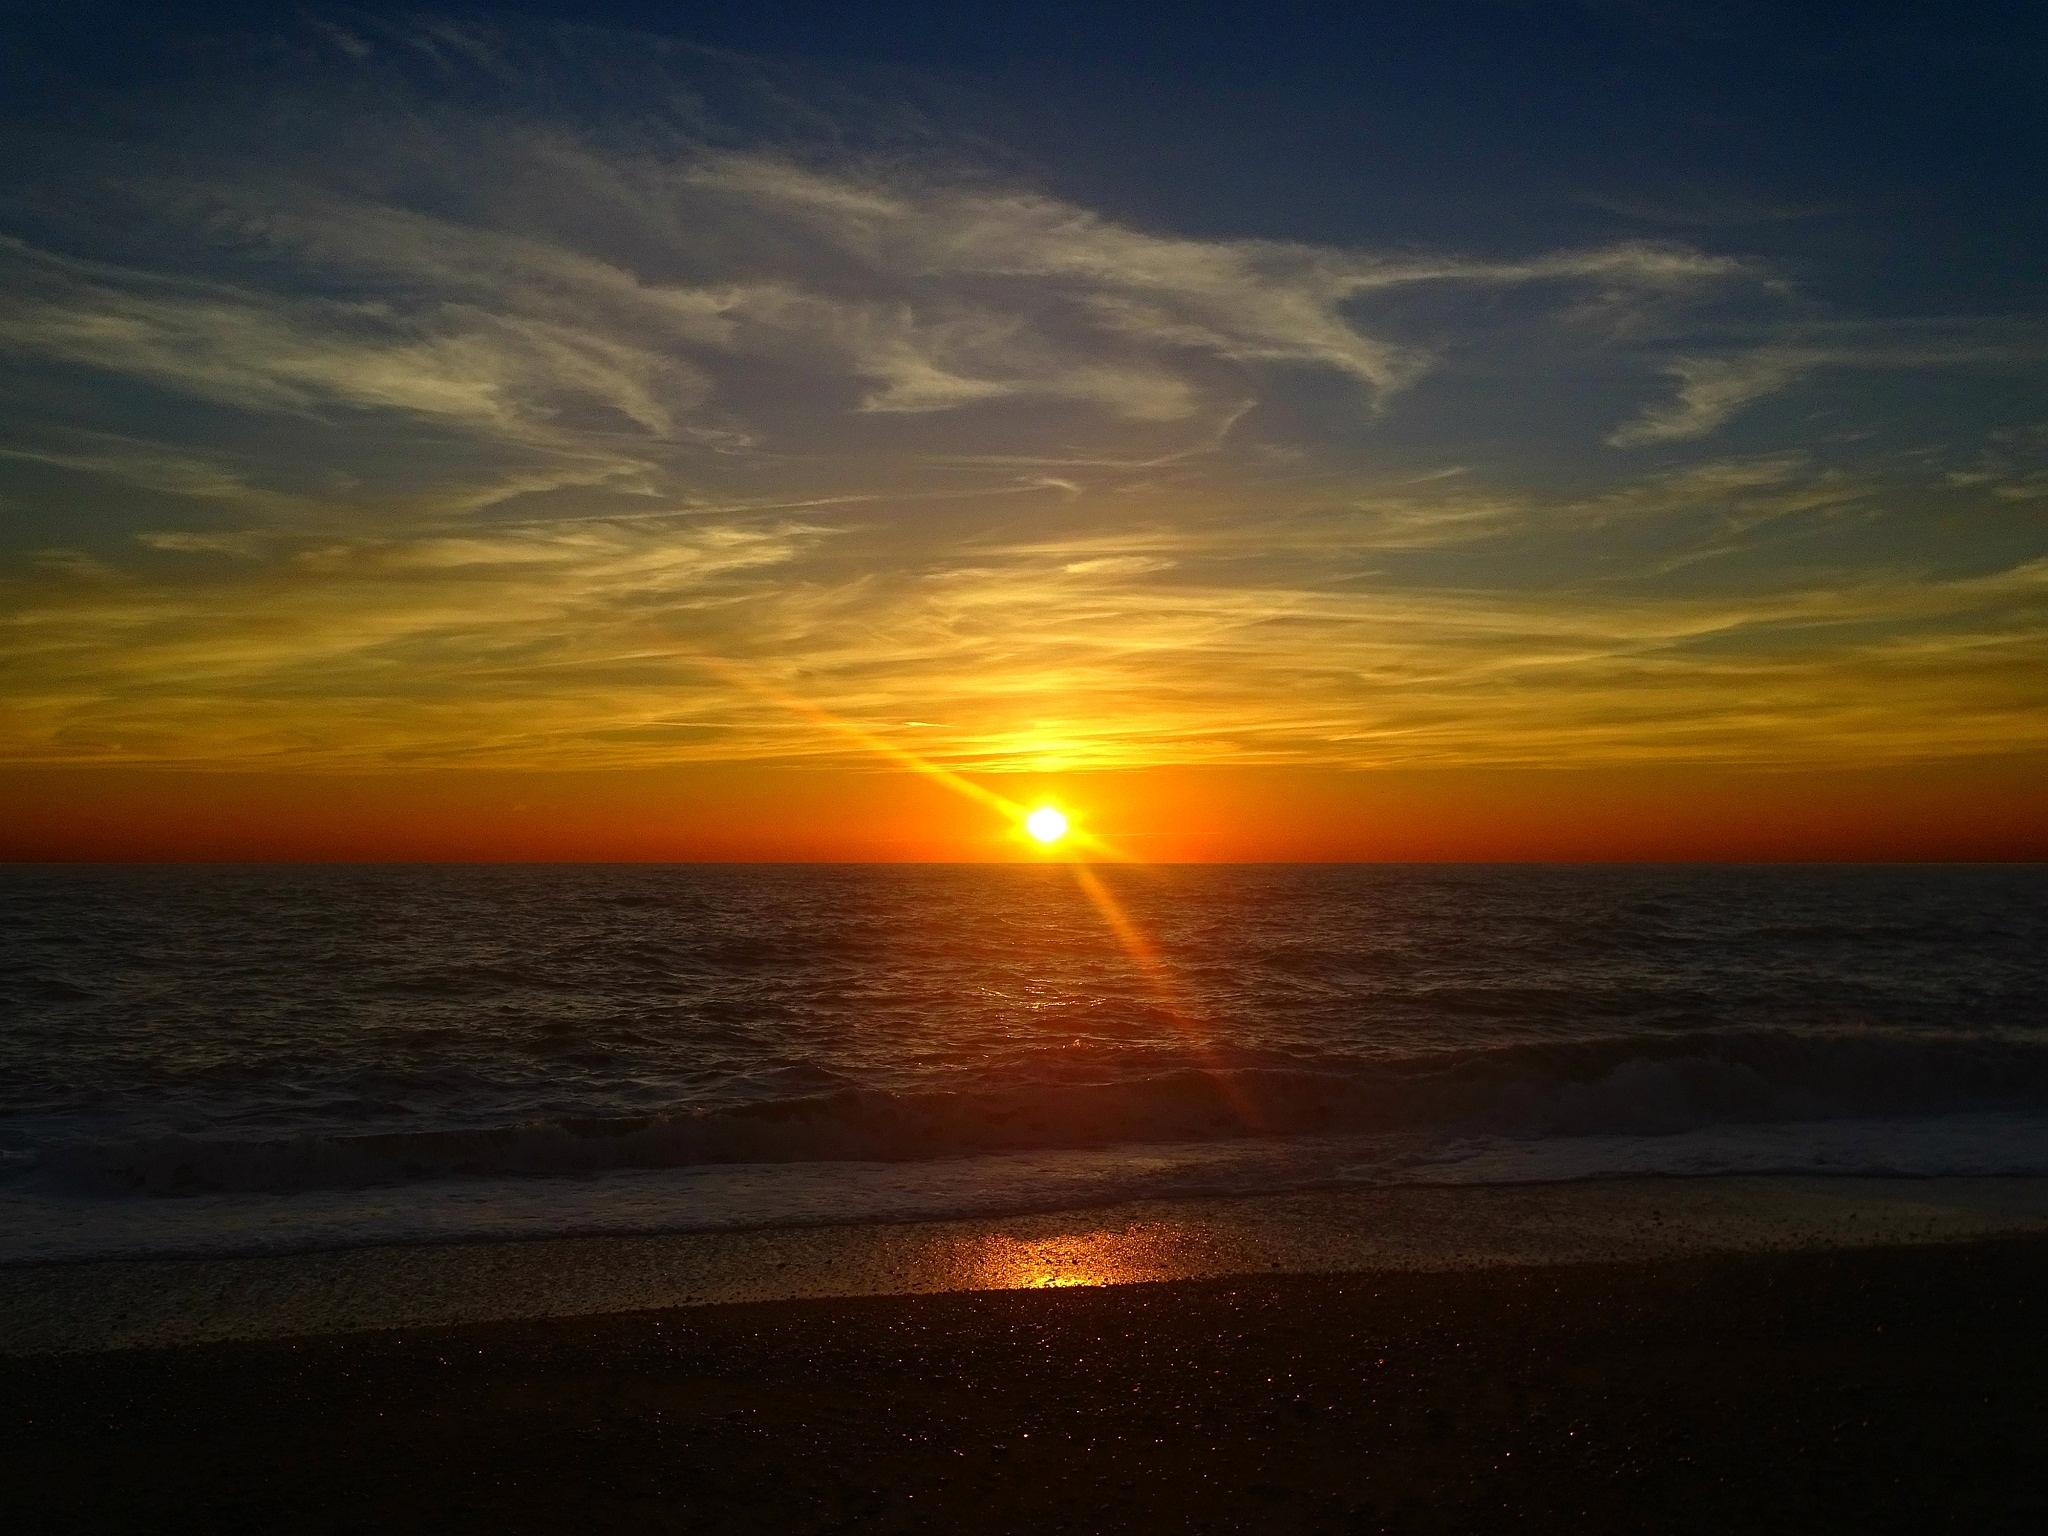 Sunset in the Bay by Tweaky Blinders